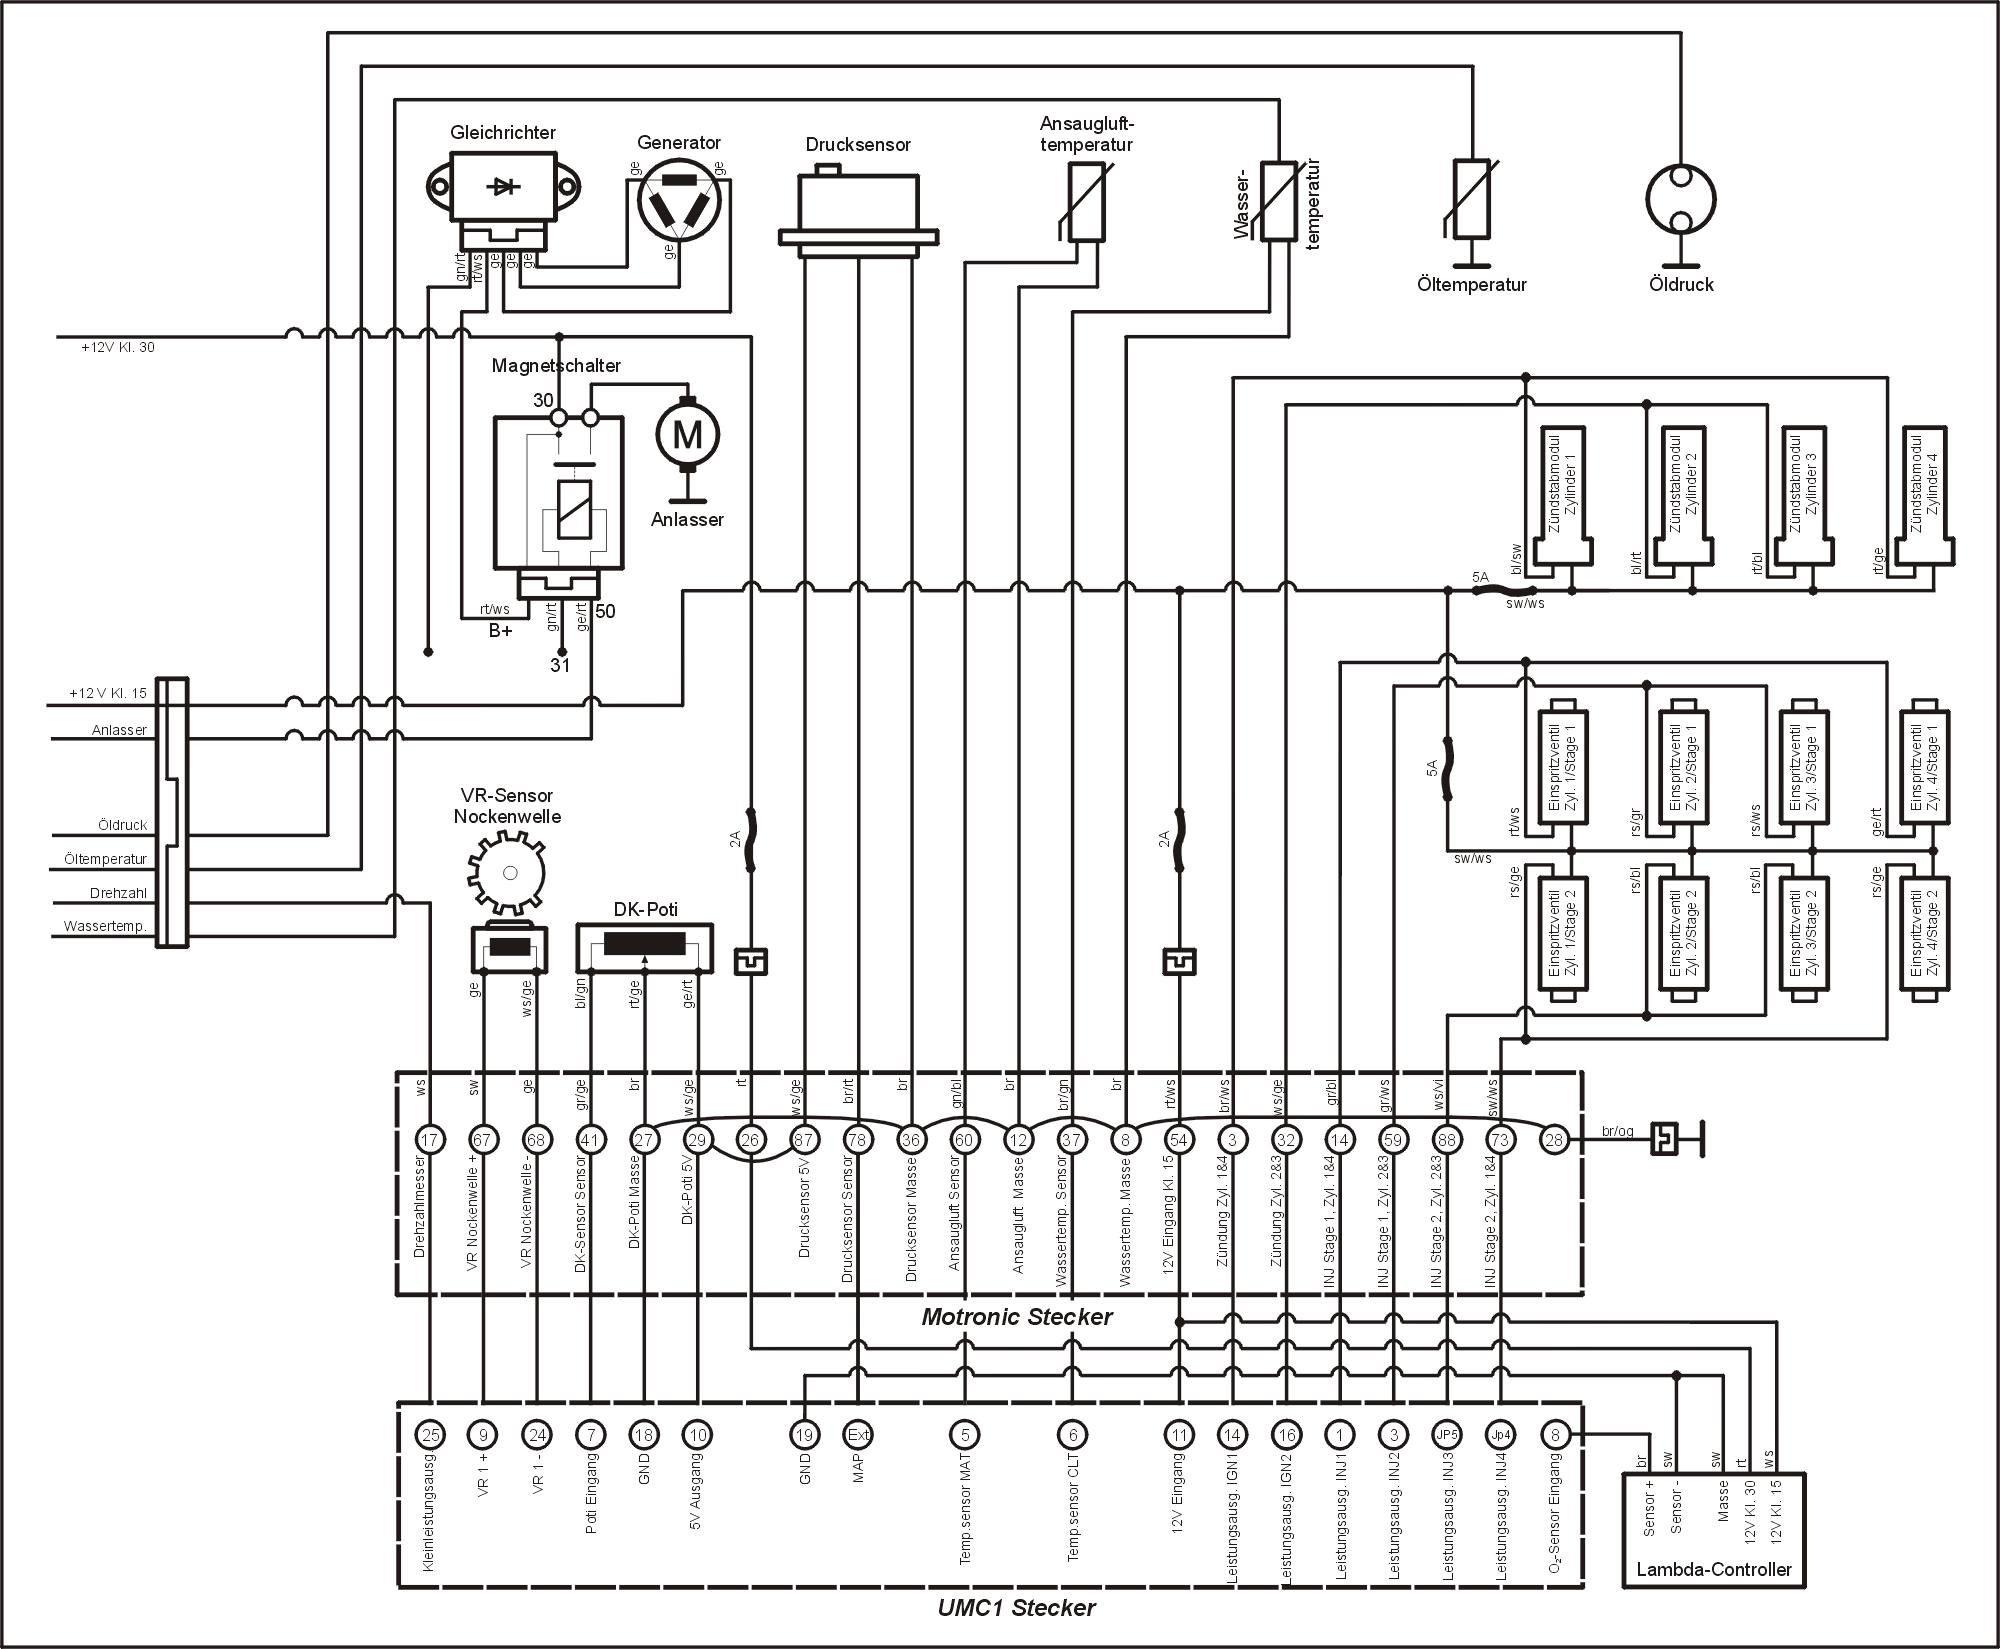 Wunderbar Bmw 330i Schaltplan Ideen - Elektrische Schaltplan-Ideen ...